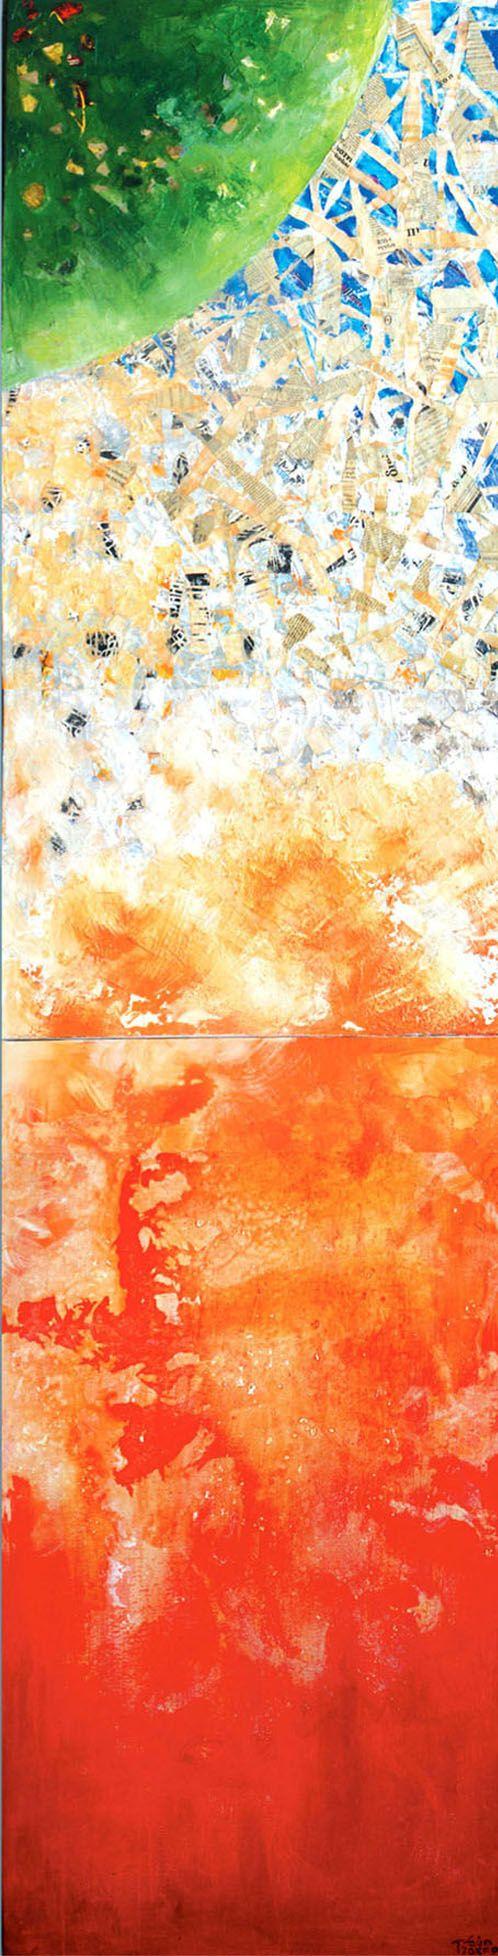 """""""Αντίθεση"""" 260x70cm, μικτή τεχνική σε καμβά. δίπτυχο.                                  """"Contrast""""260x70mixed media on canvas, diptych."""